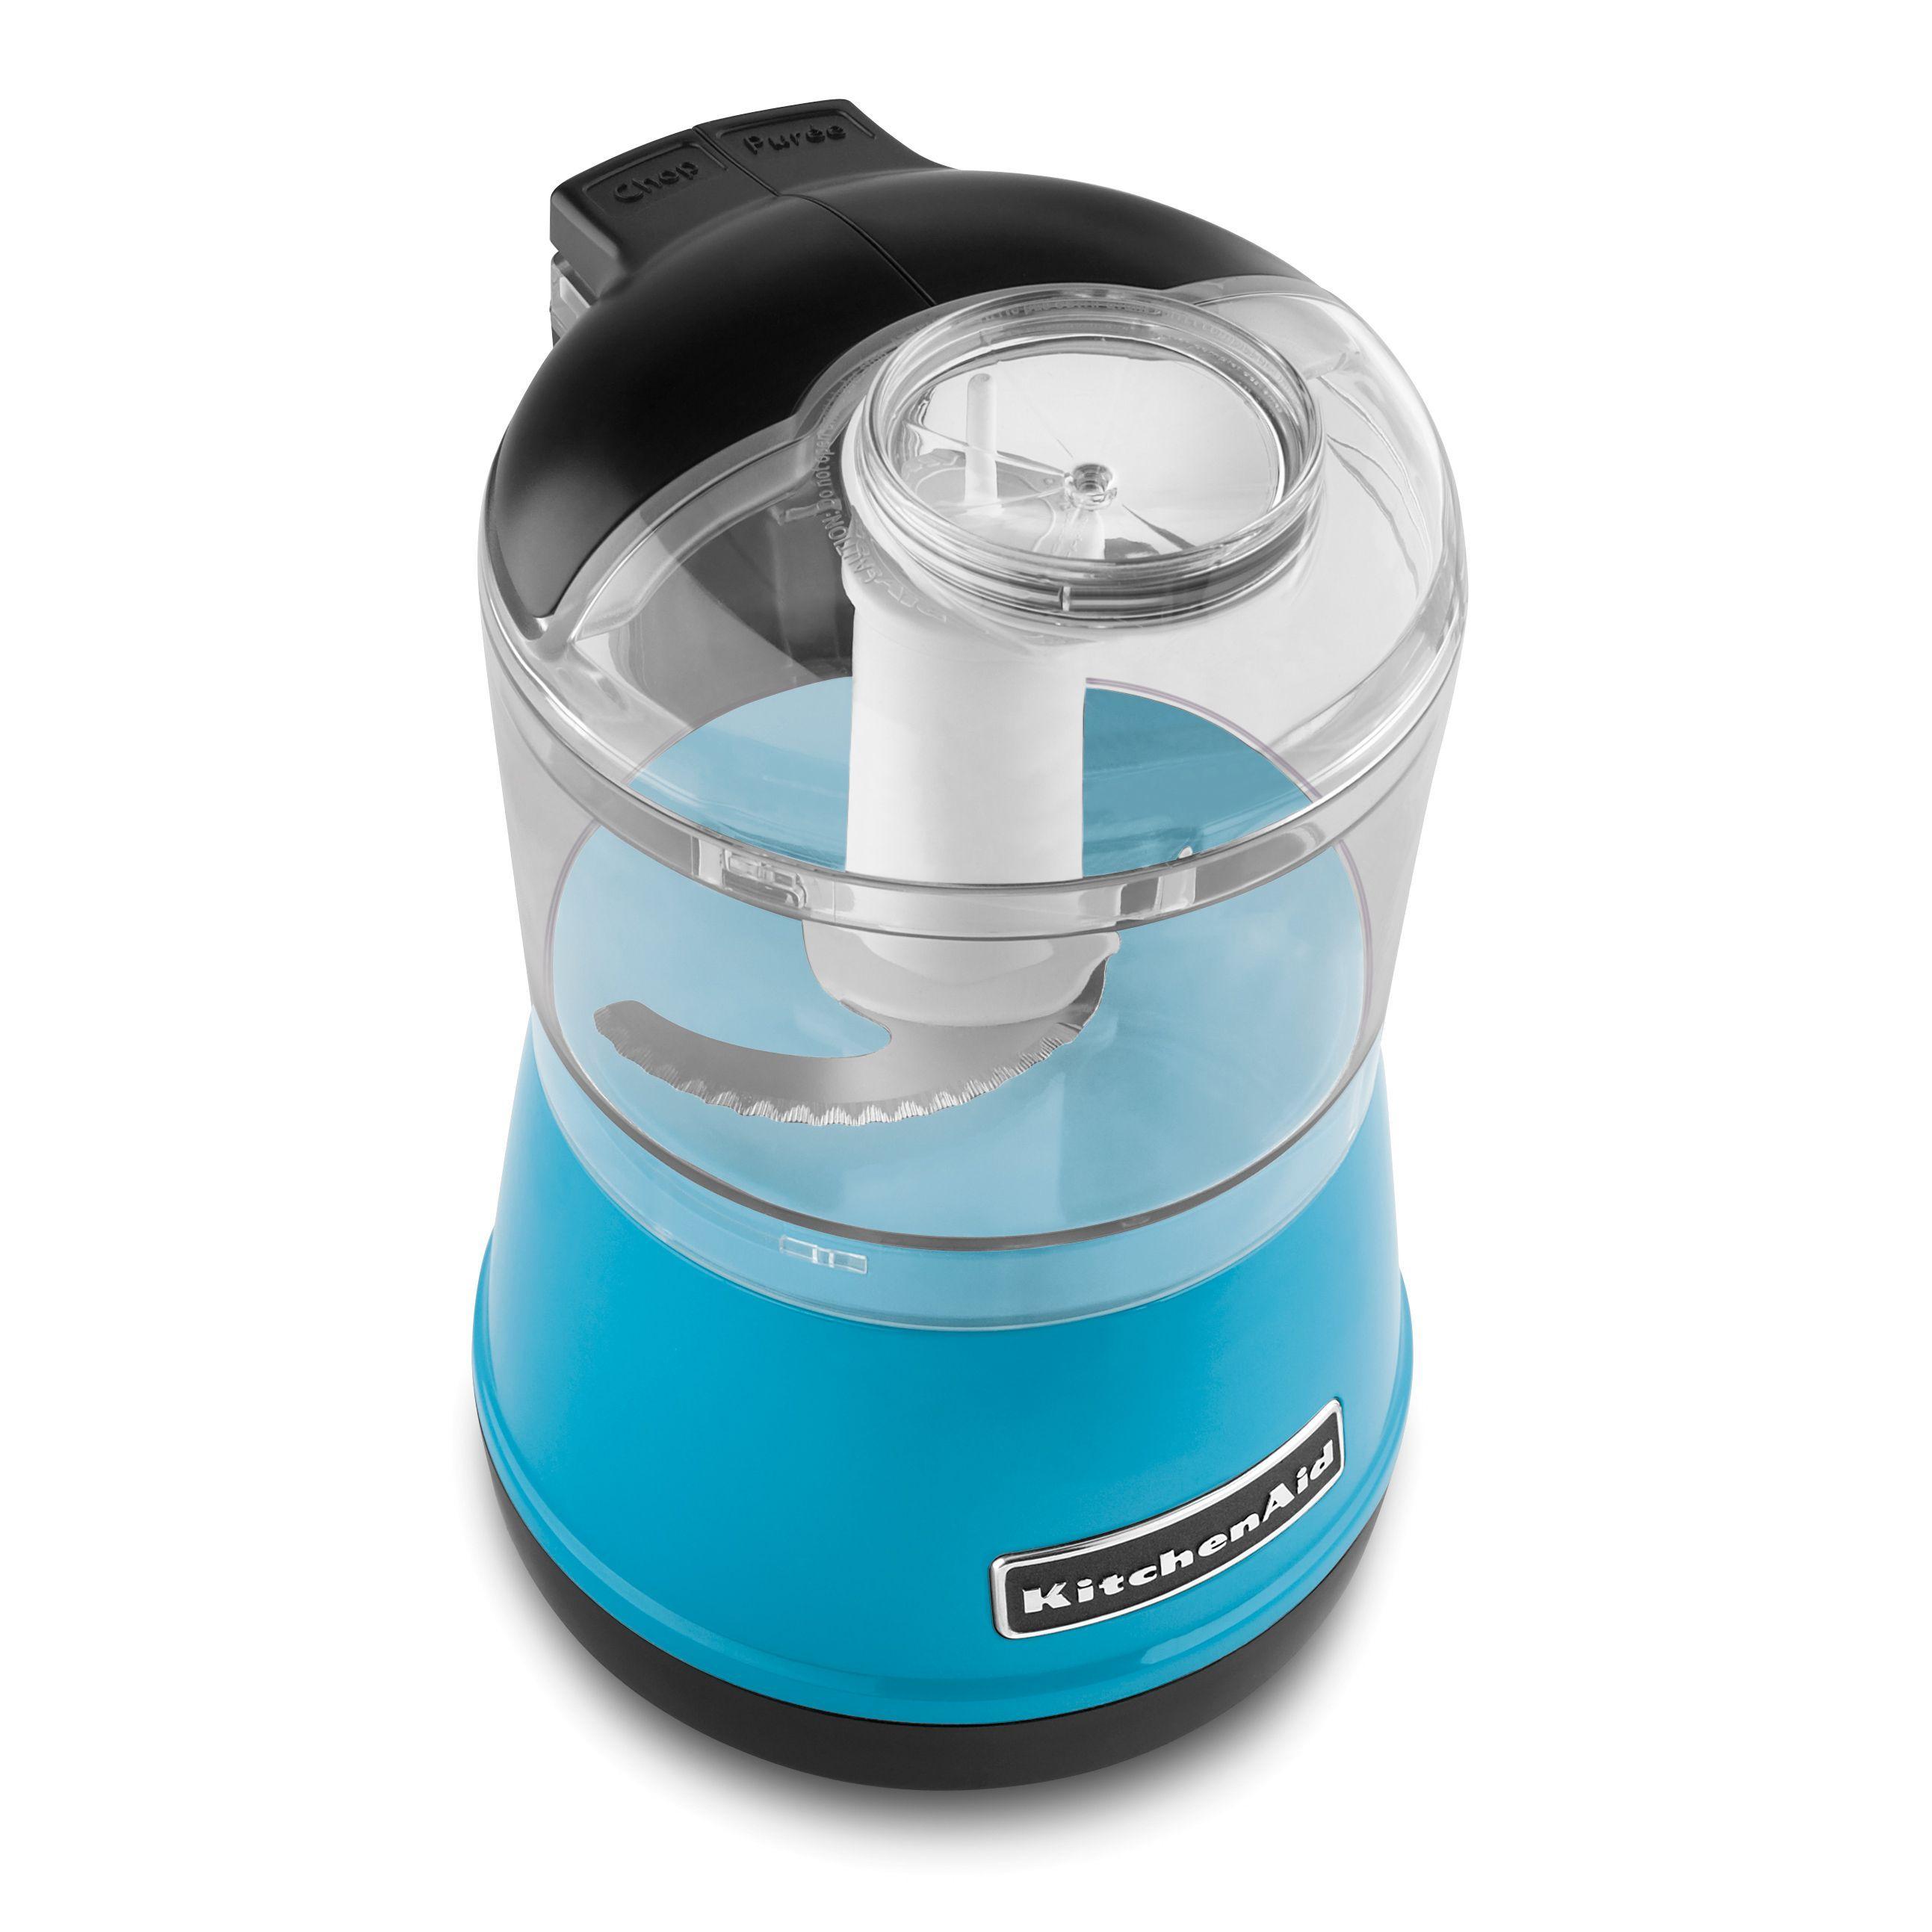 KitchenAid KFC3511CL Crystal 3.5-cup Food Chopper | Kitchen ...